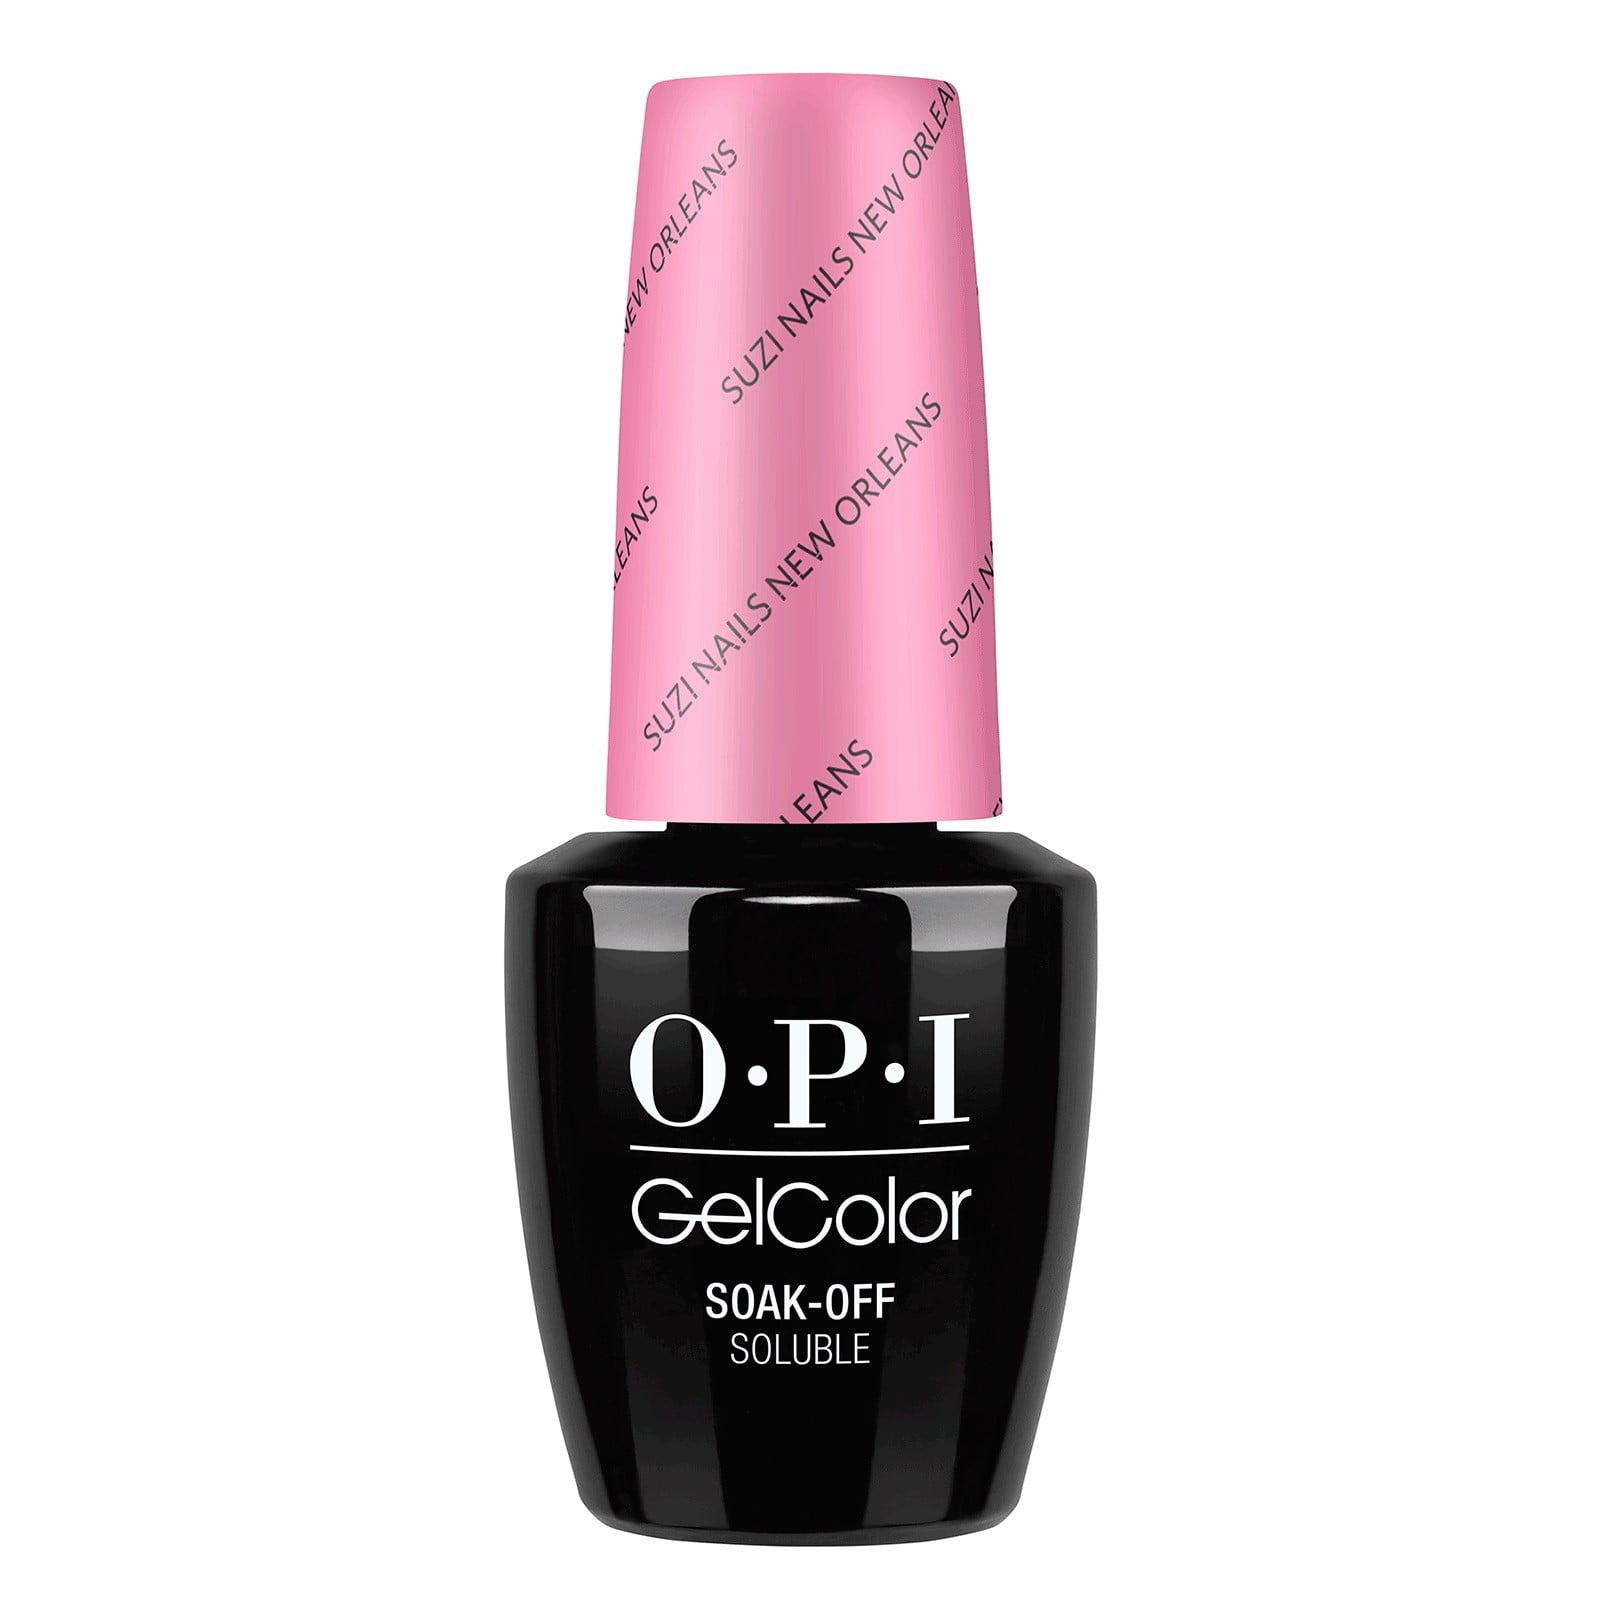 OPI GelColor, Suzi Nails New Orleans - Walmart.com